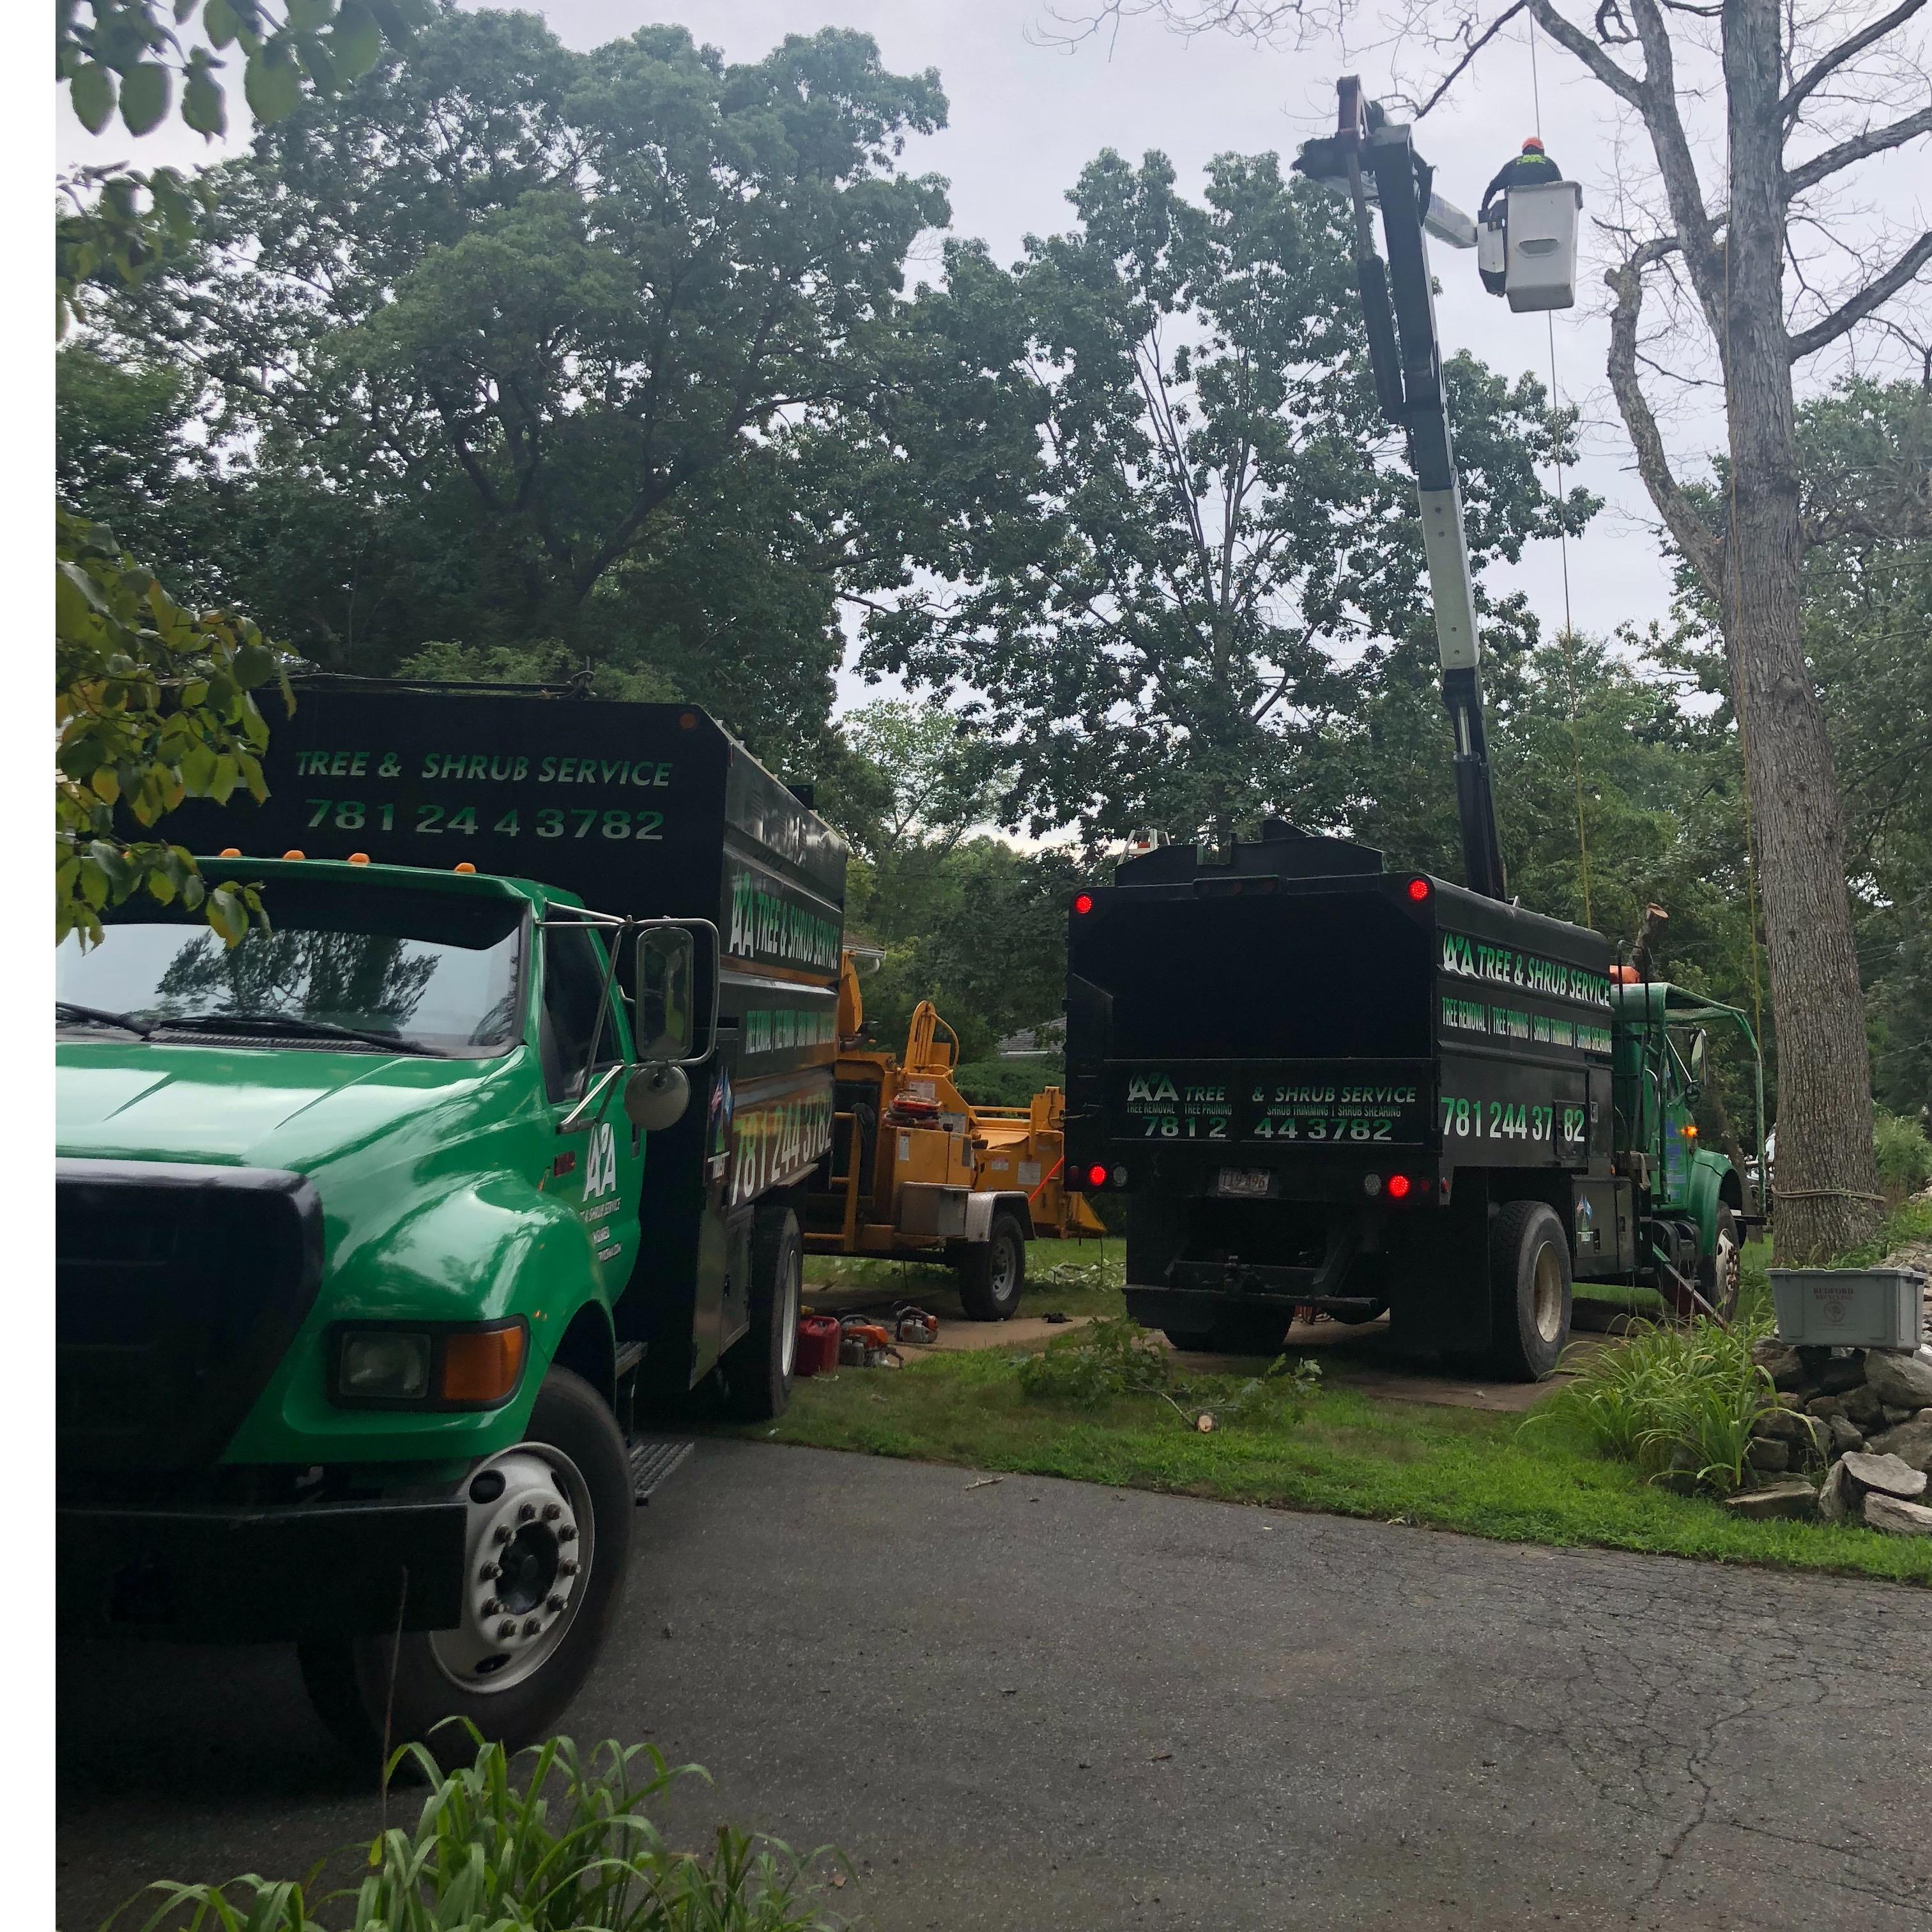 AA Tree & Shrub Service